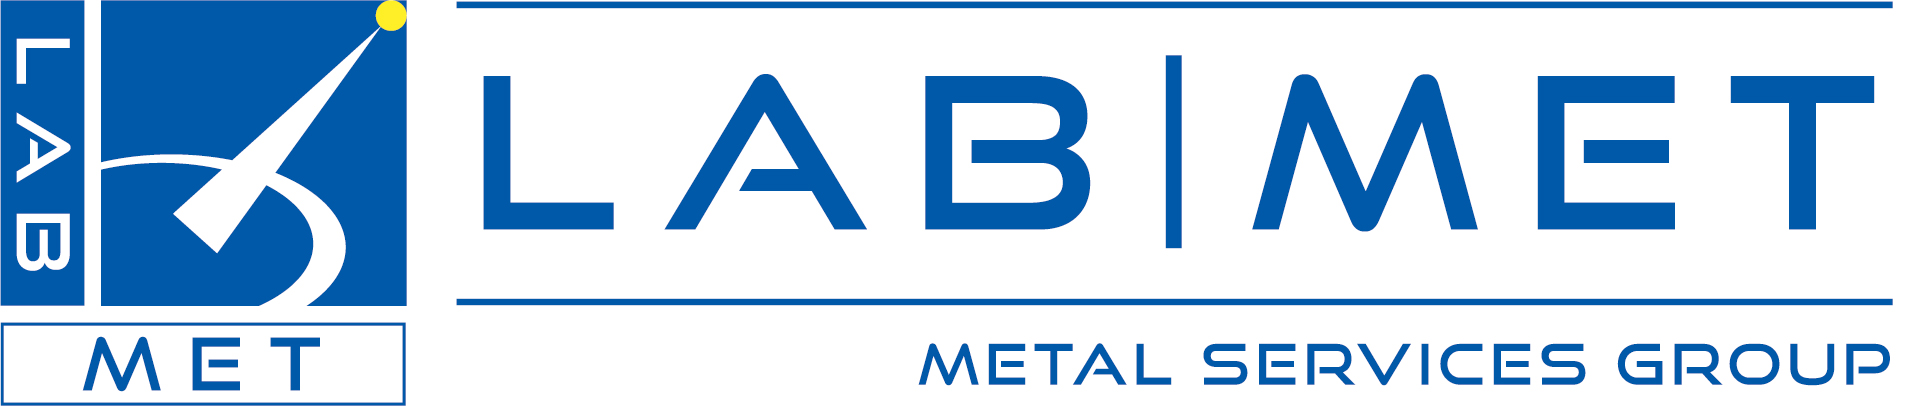 logo_labmet